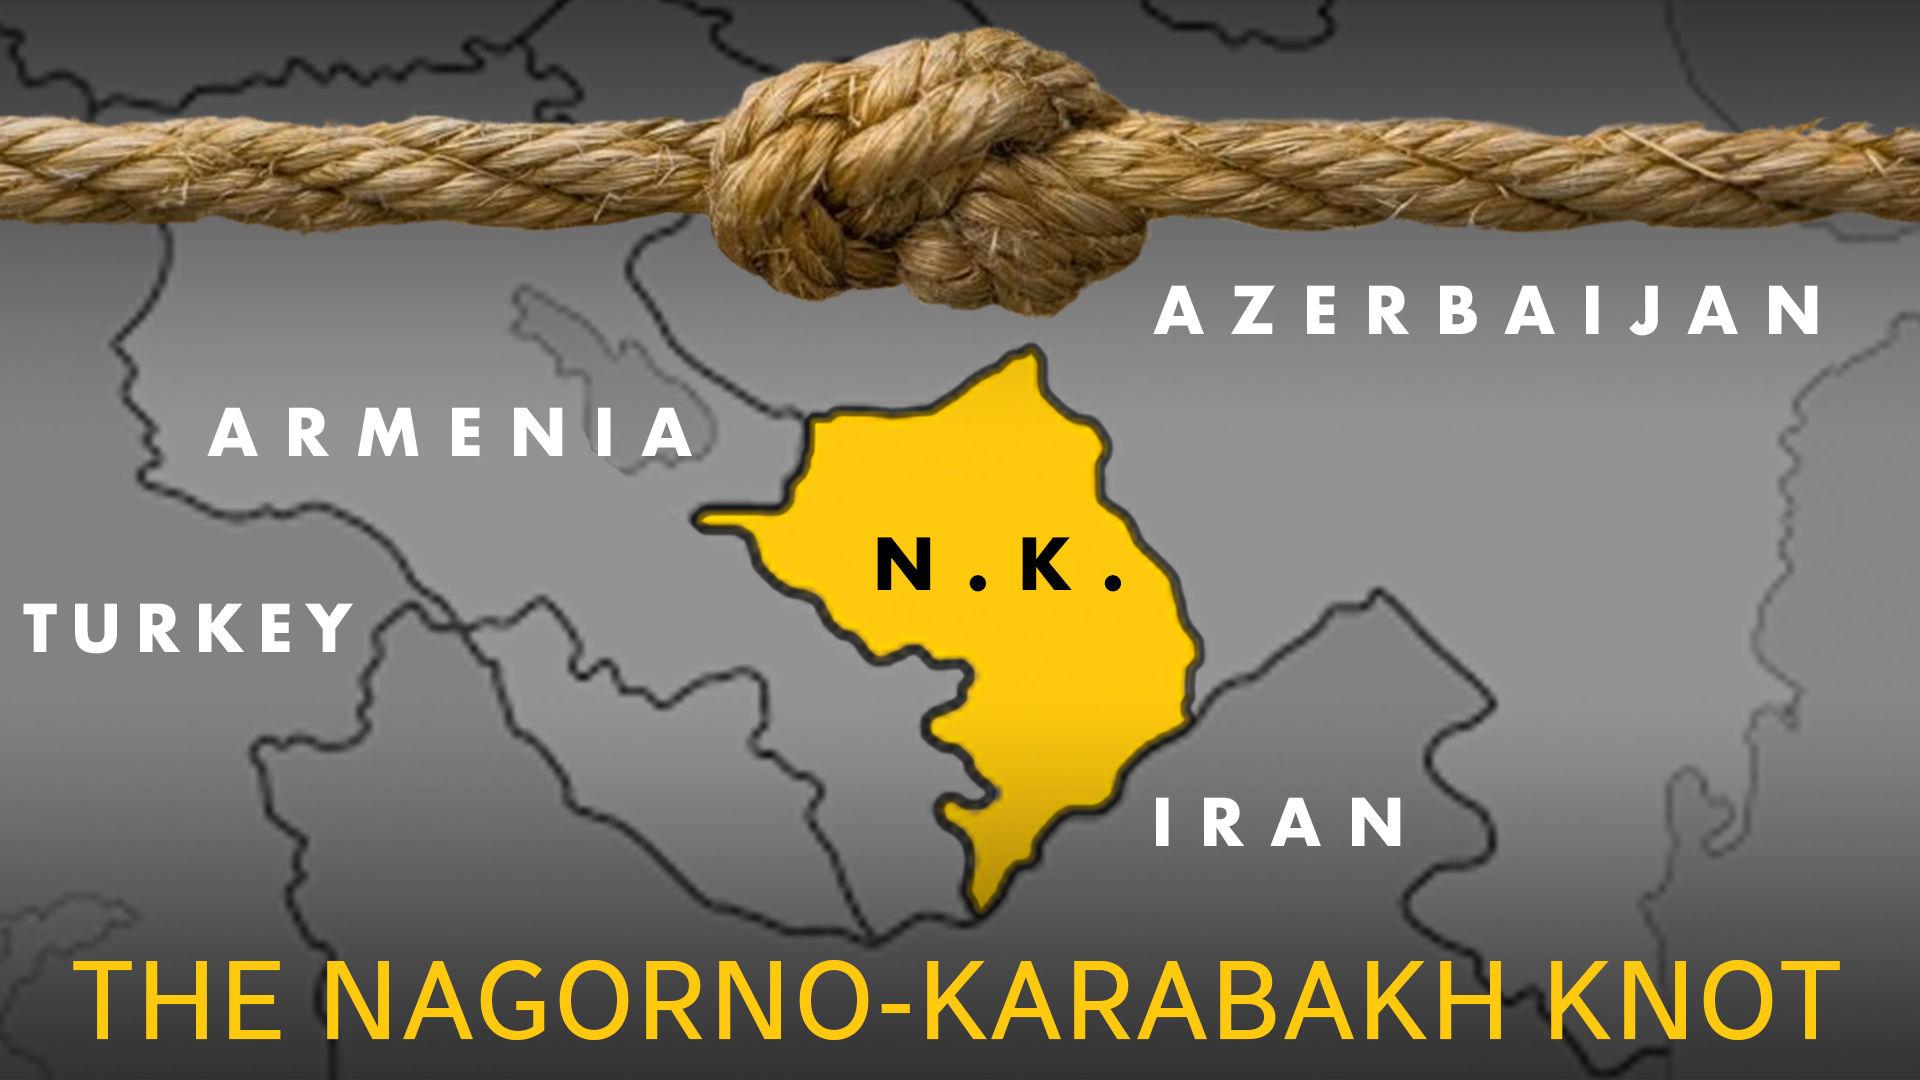 """نص """"THE NAGORNO-KARABAKH KNOT"""" وصورة عقدة على خريطة ن. المنطقة مع أرمينيا وأذربيجان وتركيا وإيران"""